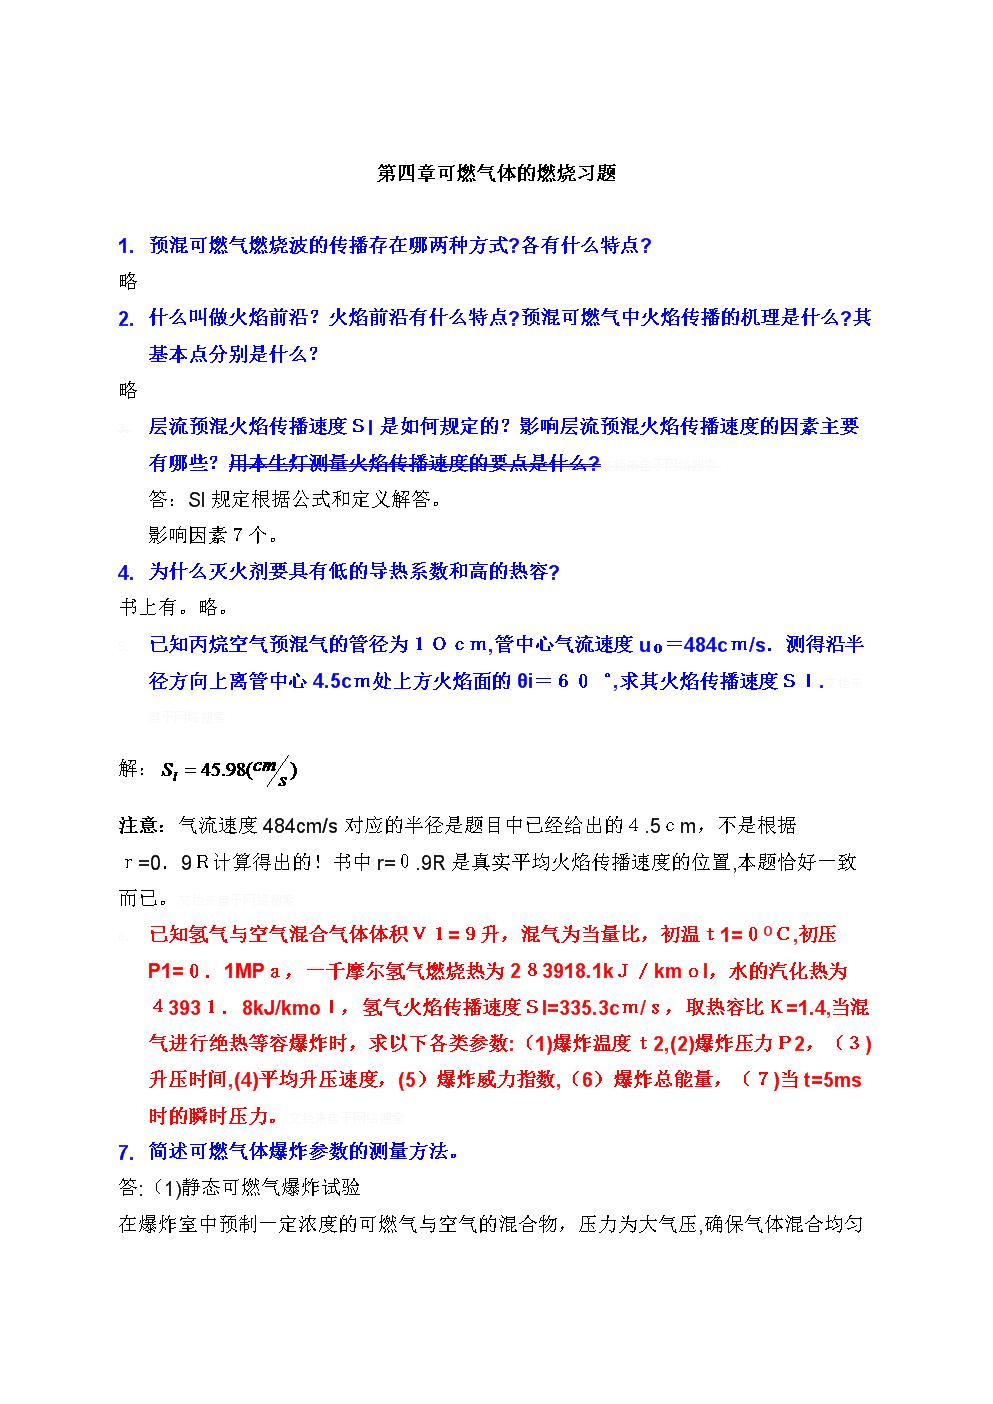 《消防燃烧学》习题yaya.doc